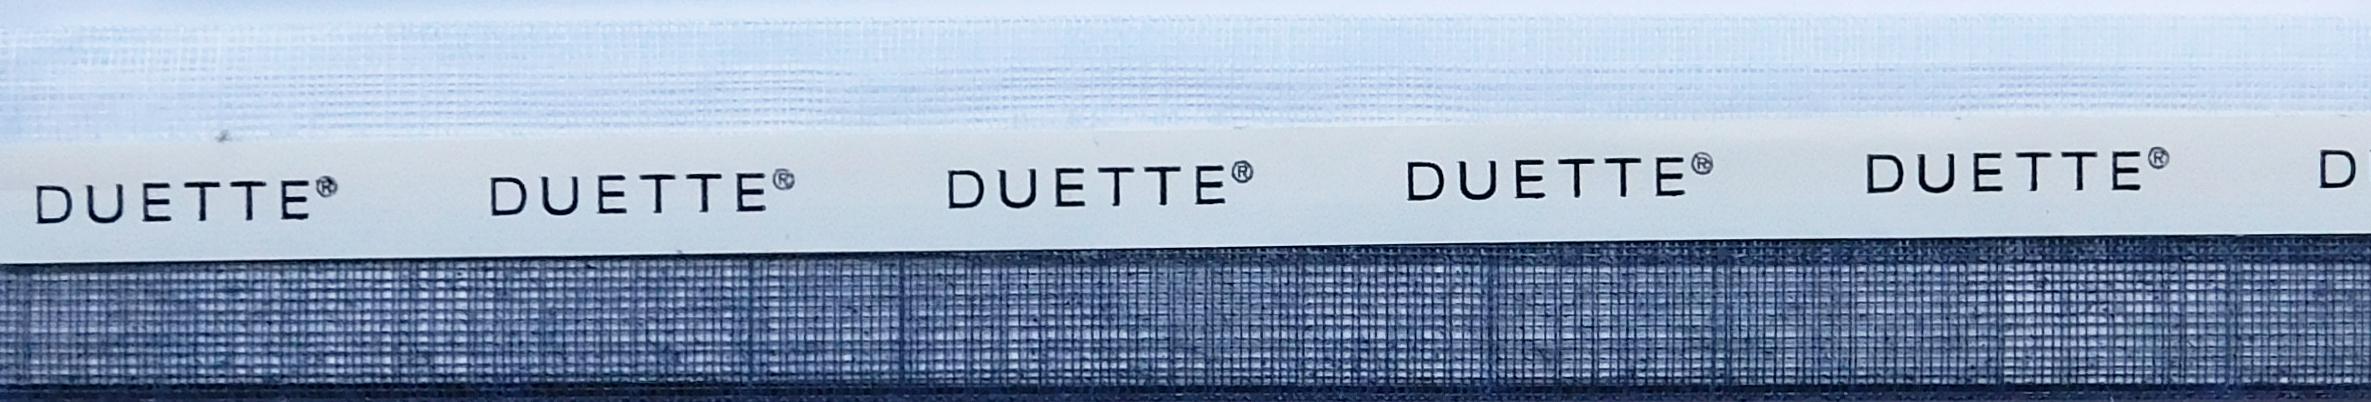 Batiste Sheer Raven Duette Blind fabric sample